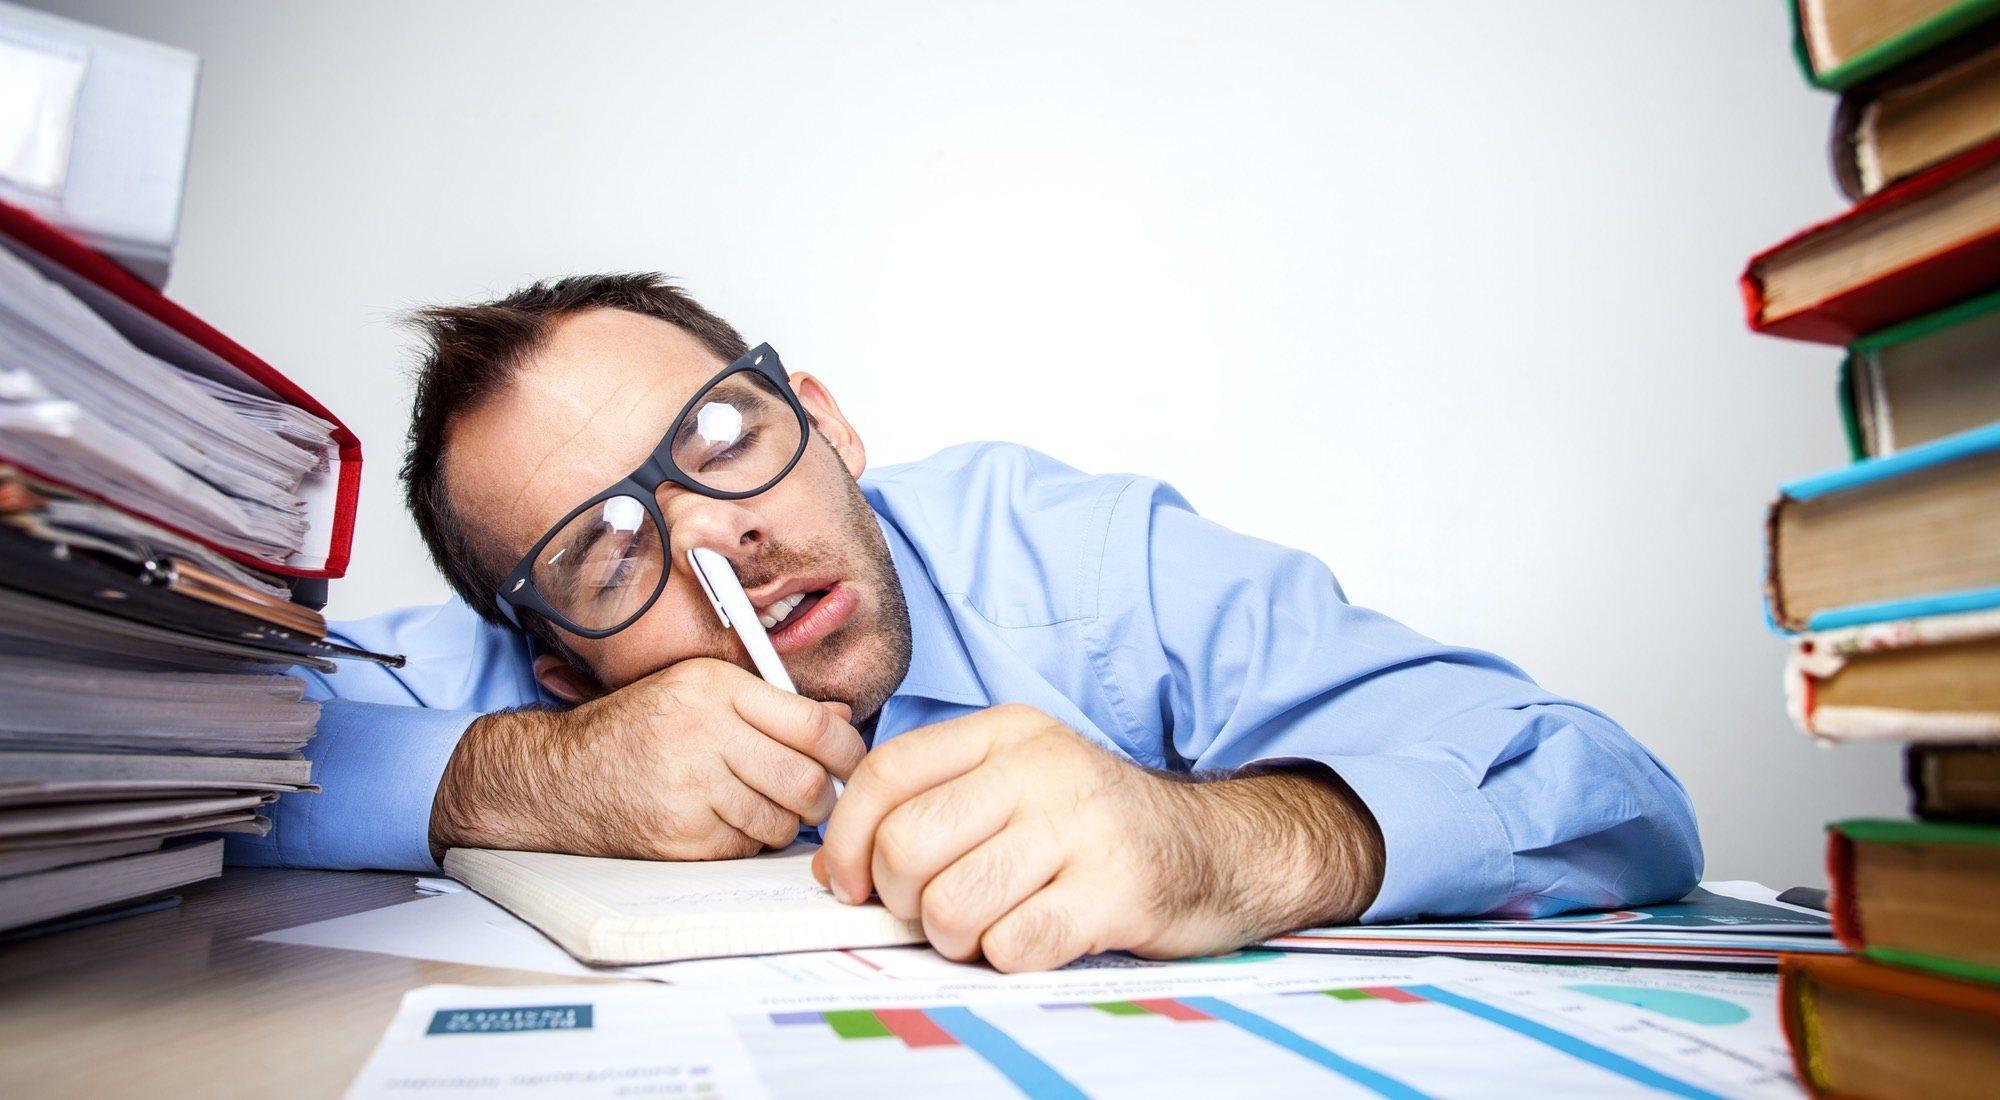 Vuelta al trabajo: consejos para volver a la rutina tras las vacaciones